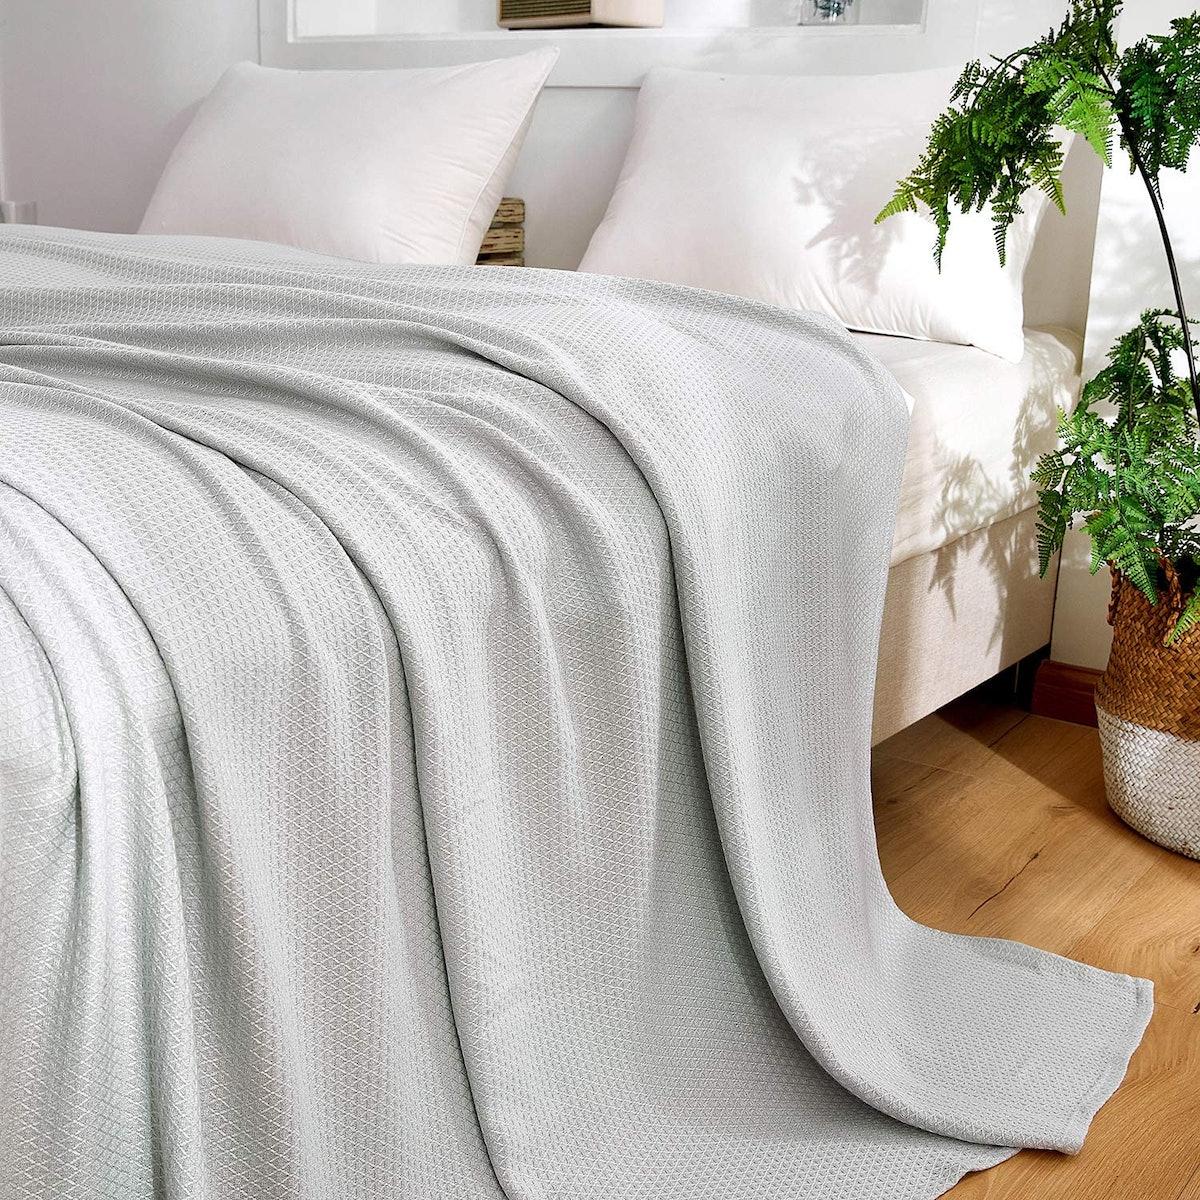 DANGTOP Cooling Blankets